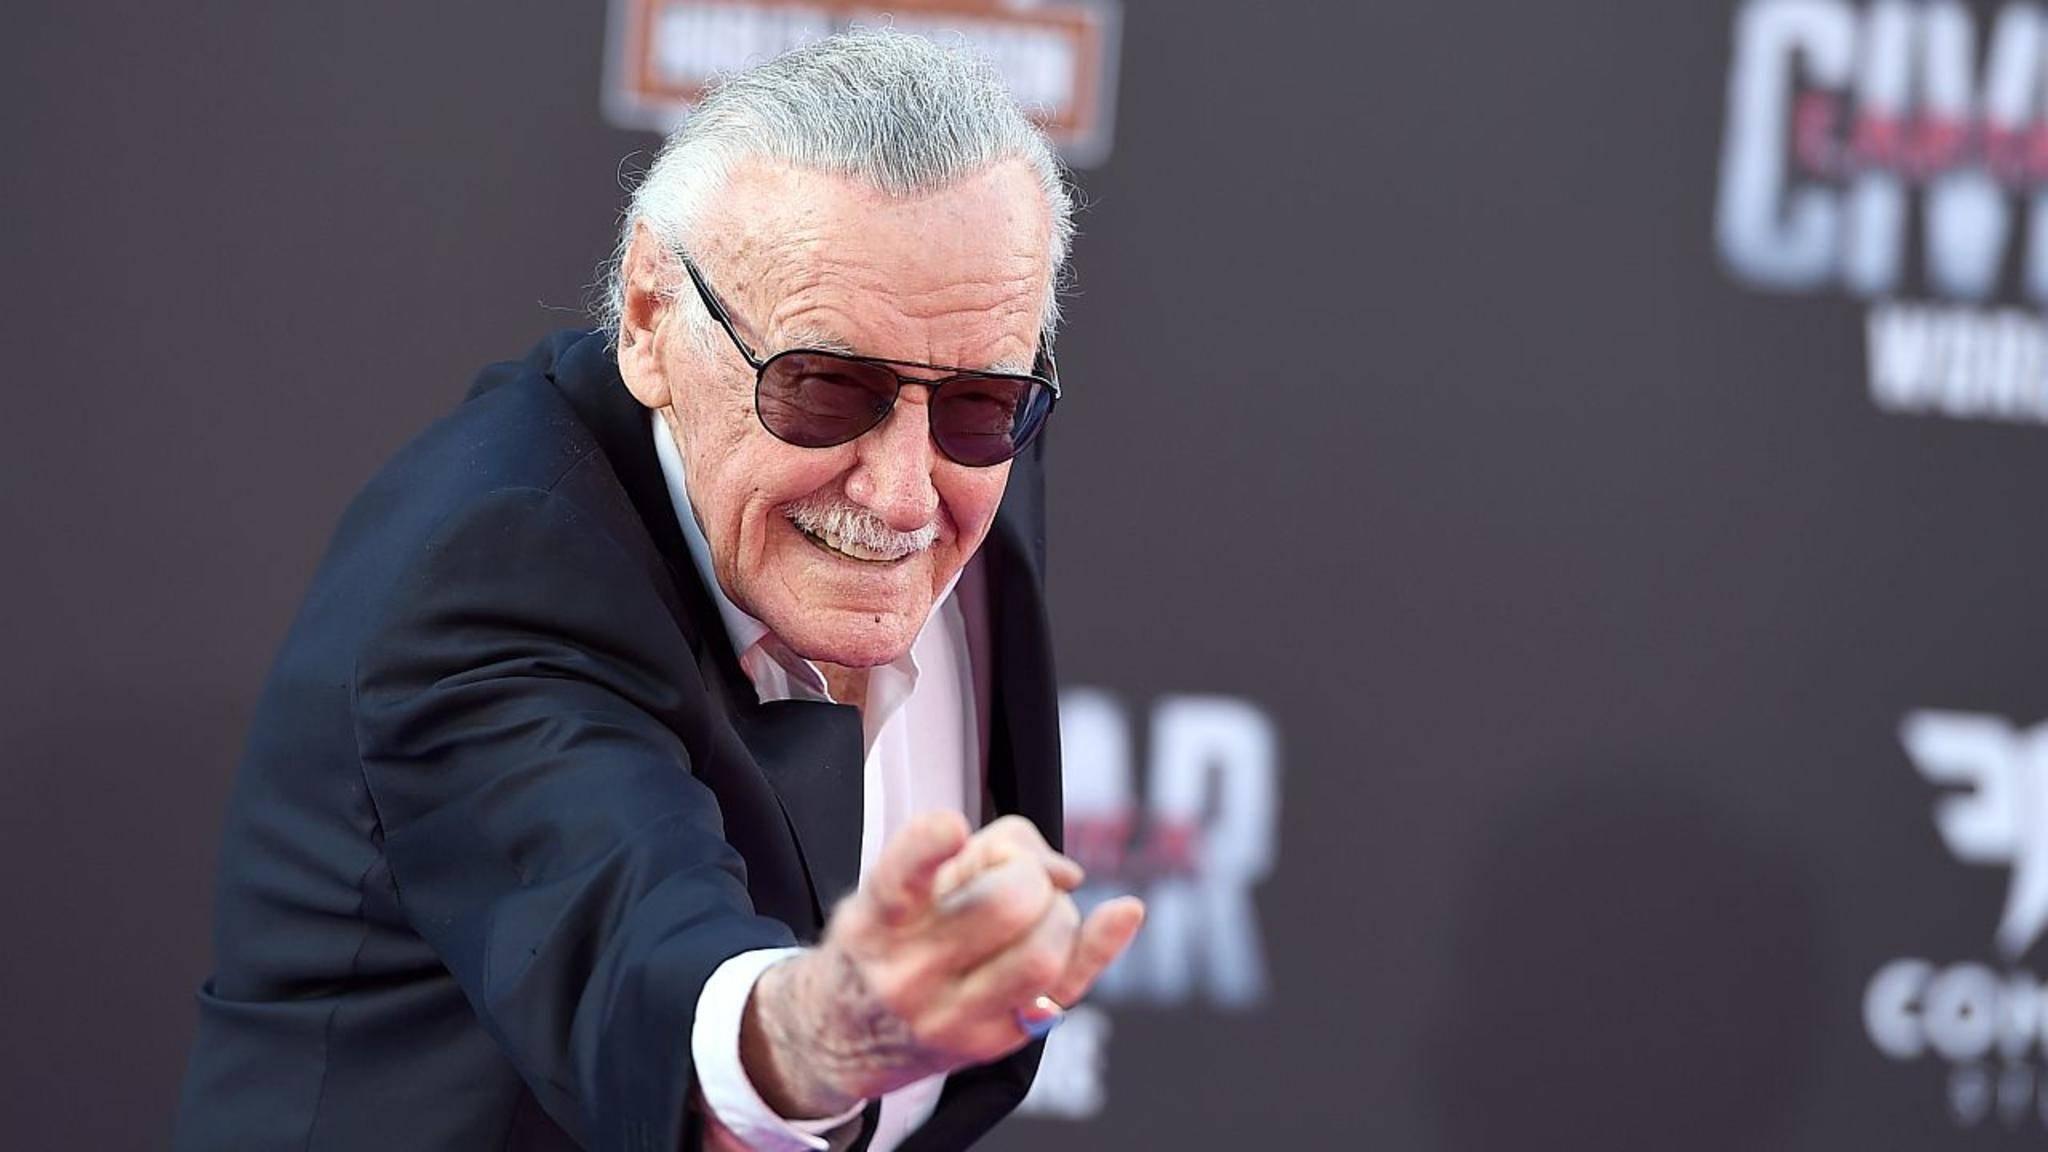 Das gigantische Marvel-Universum haben wir diesem kreativen Genie zu verdanken: Stan Lee.